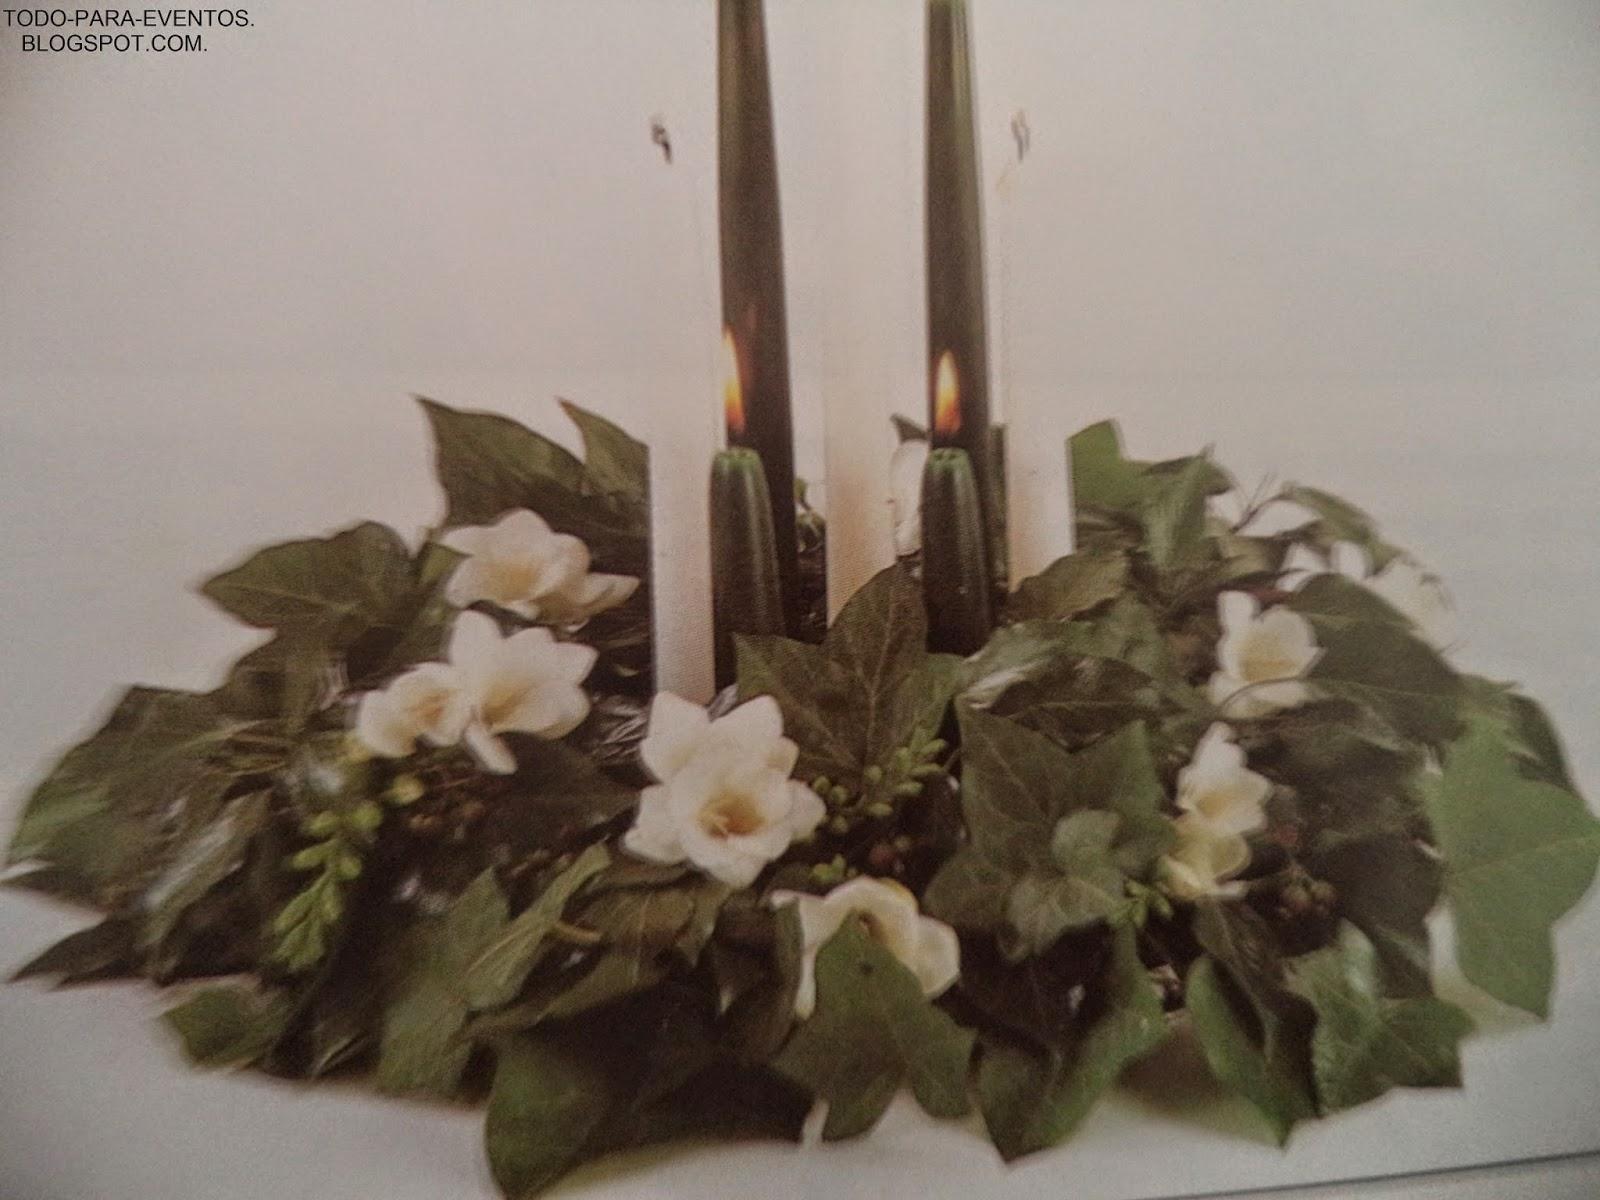 Flores para difuntos: el mejor precio con entrega inmediata - Imagenes De Centros De Flores Para Difuntos